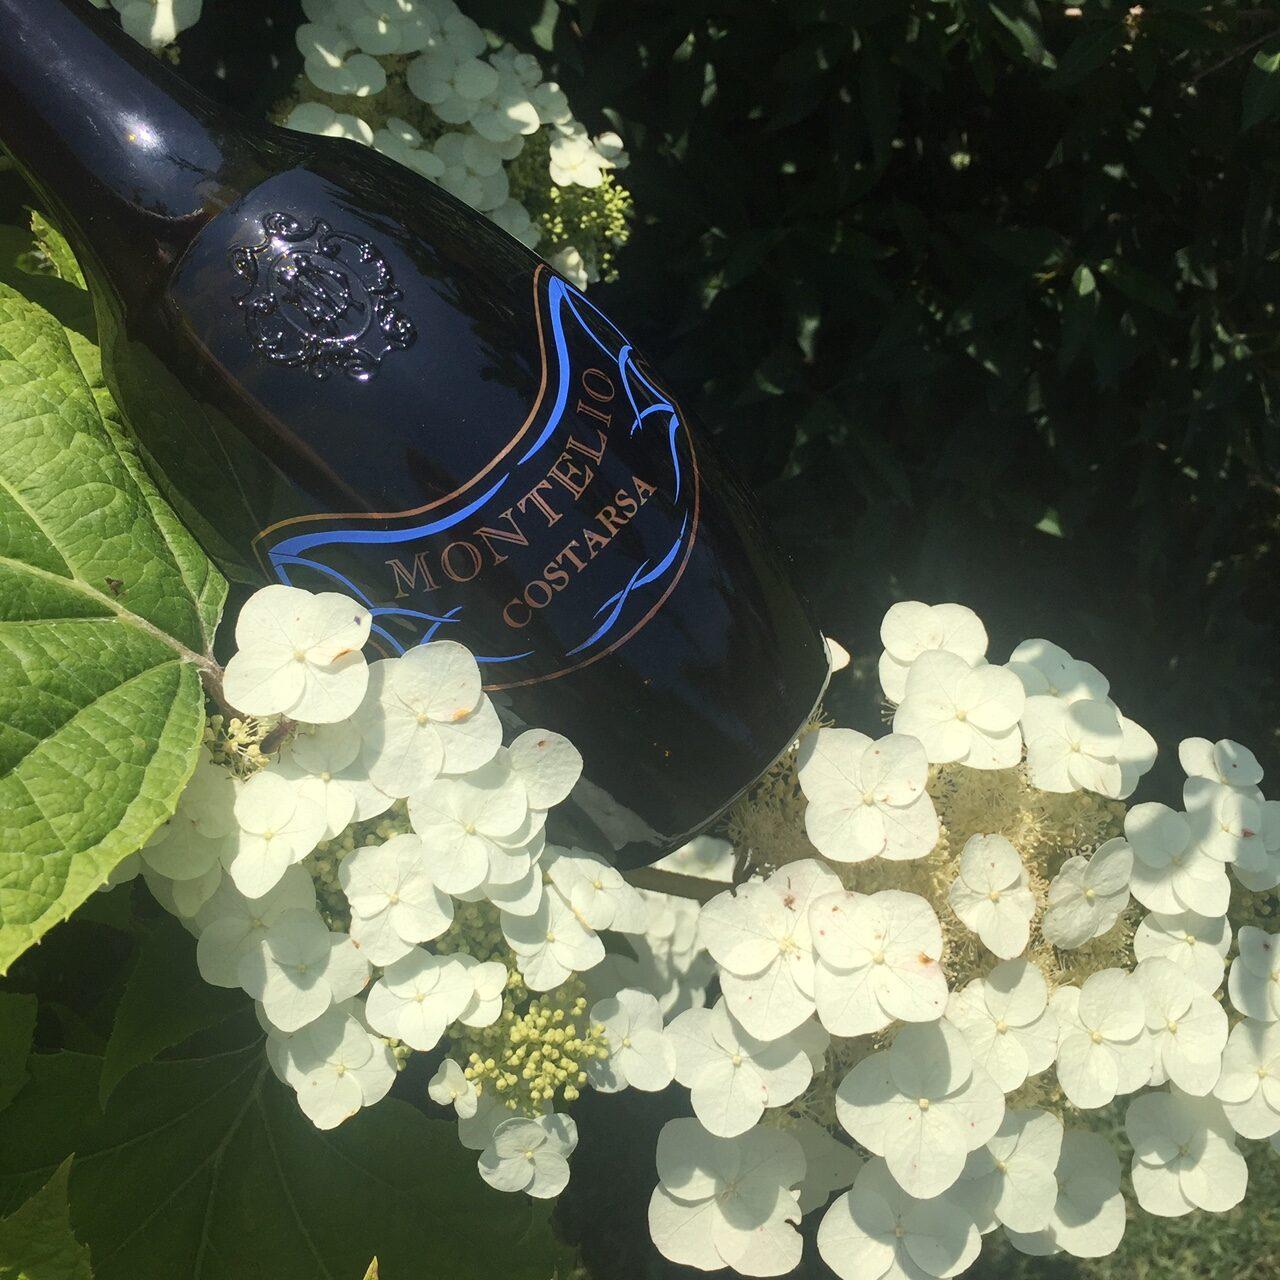 oltrepò pavese Costarsa Montelio, Pinot Nero Oltrepo Pavese, bottiglia scura e pesante, in rilievo lo stemma di famiglia. Cantina storica dell'Oltrepo Pavese cantine vino